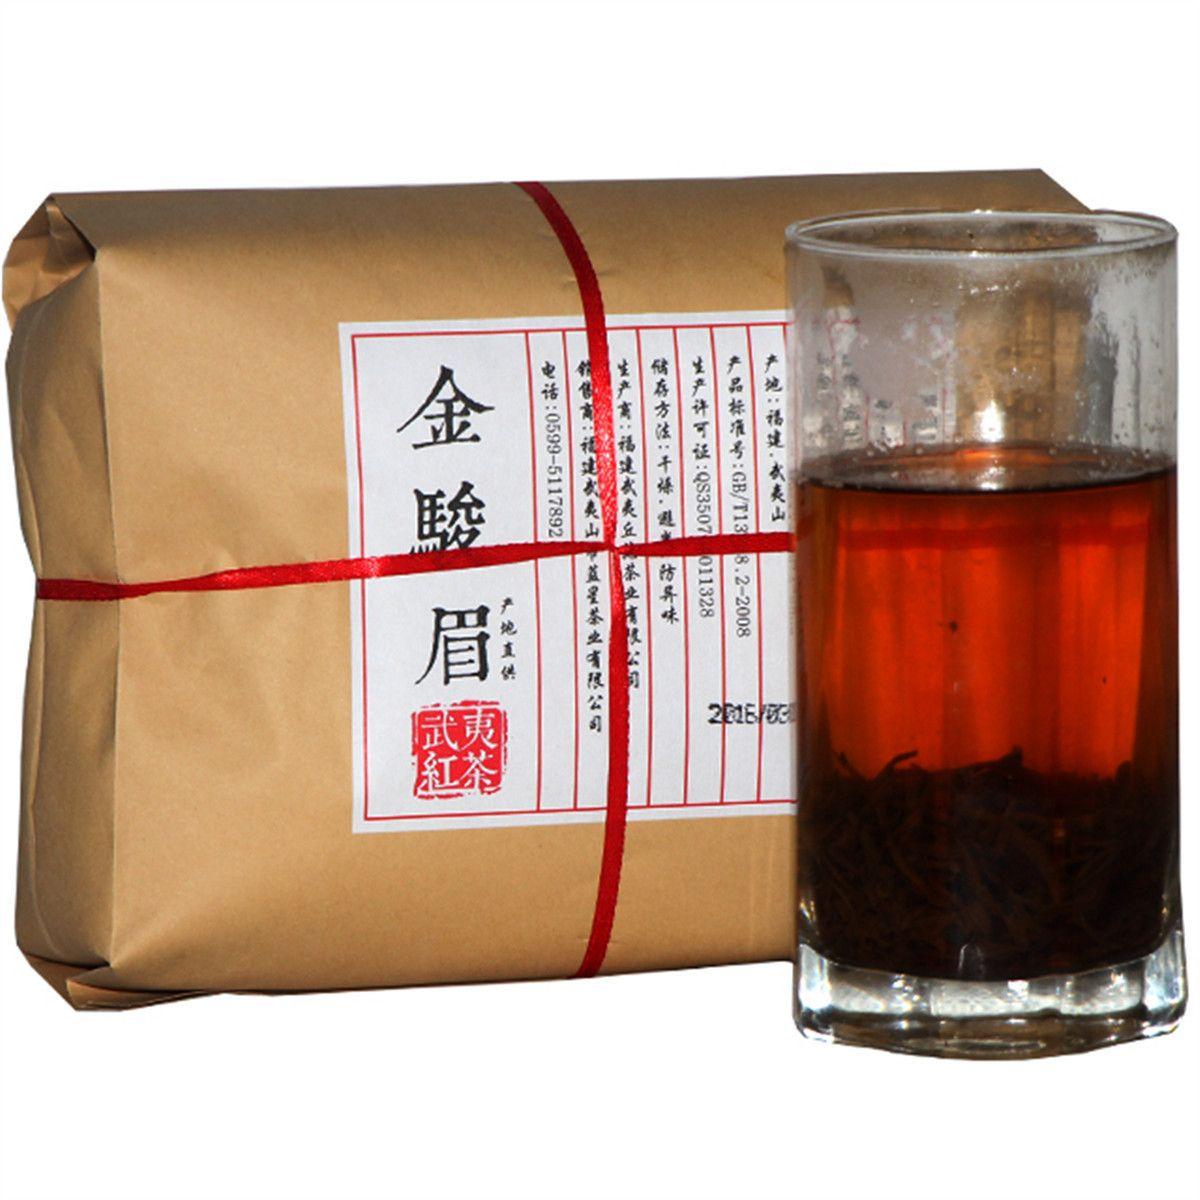 Promoción 500g Negro chino orgánico Té Premium de oro de la ceja Wuyi Kim Chun Mei Té Rojo Cuidado de la Salud Nueva cocido té verde de alimentos